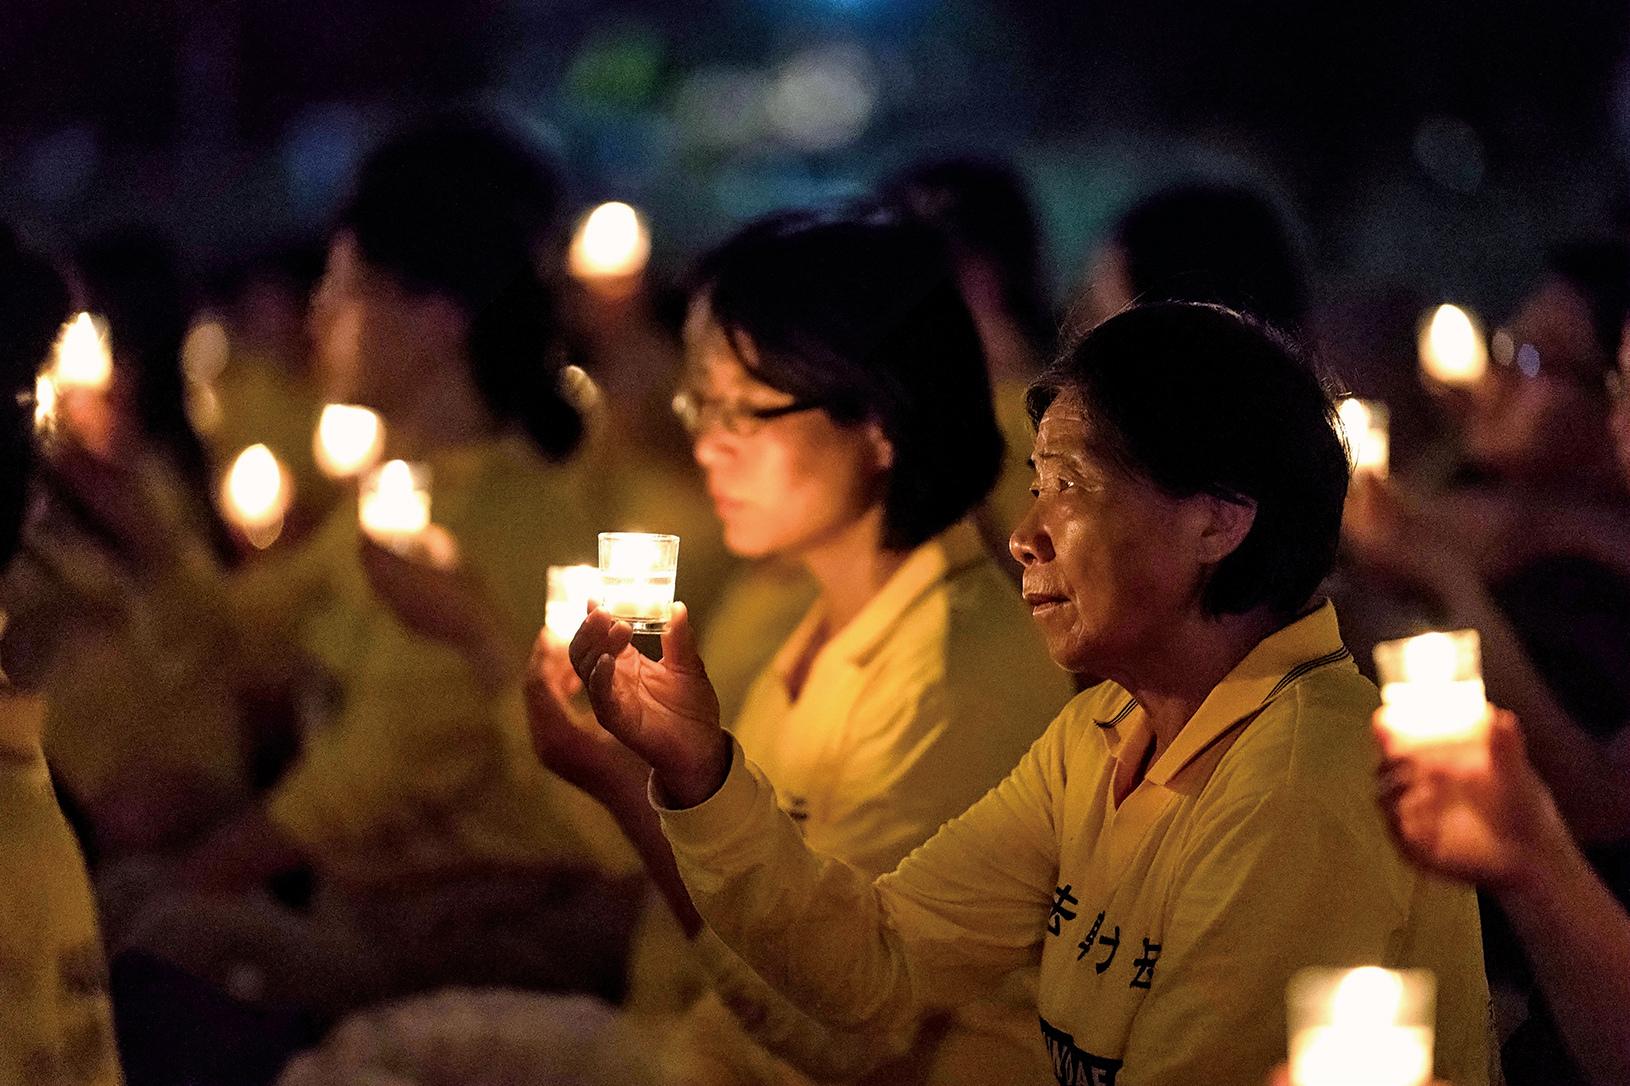 2017年7月,部份法輪功學員在華盛頓DC燭光悼念在中國大陸被迫害致死的法輪功學員。(石青雲/大紀元)